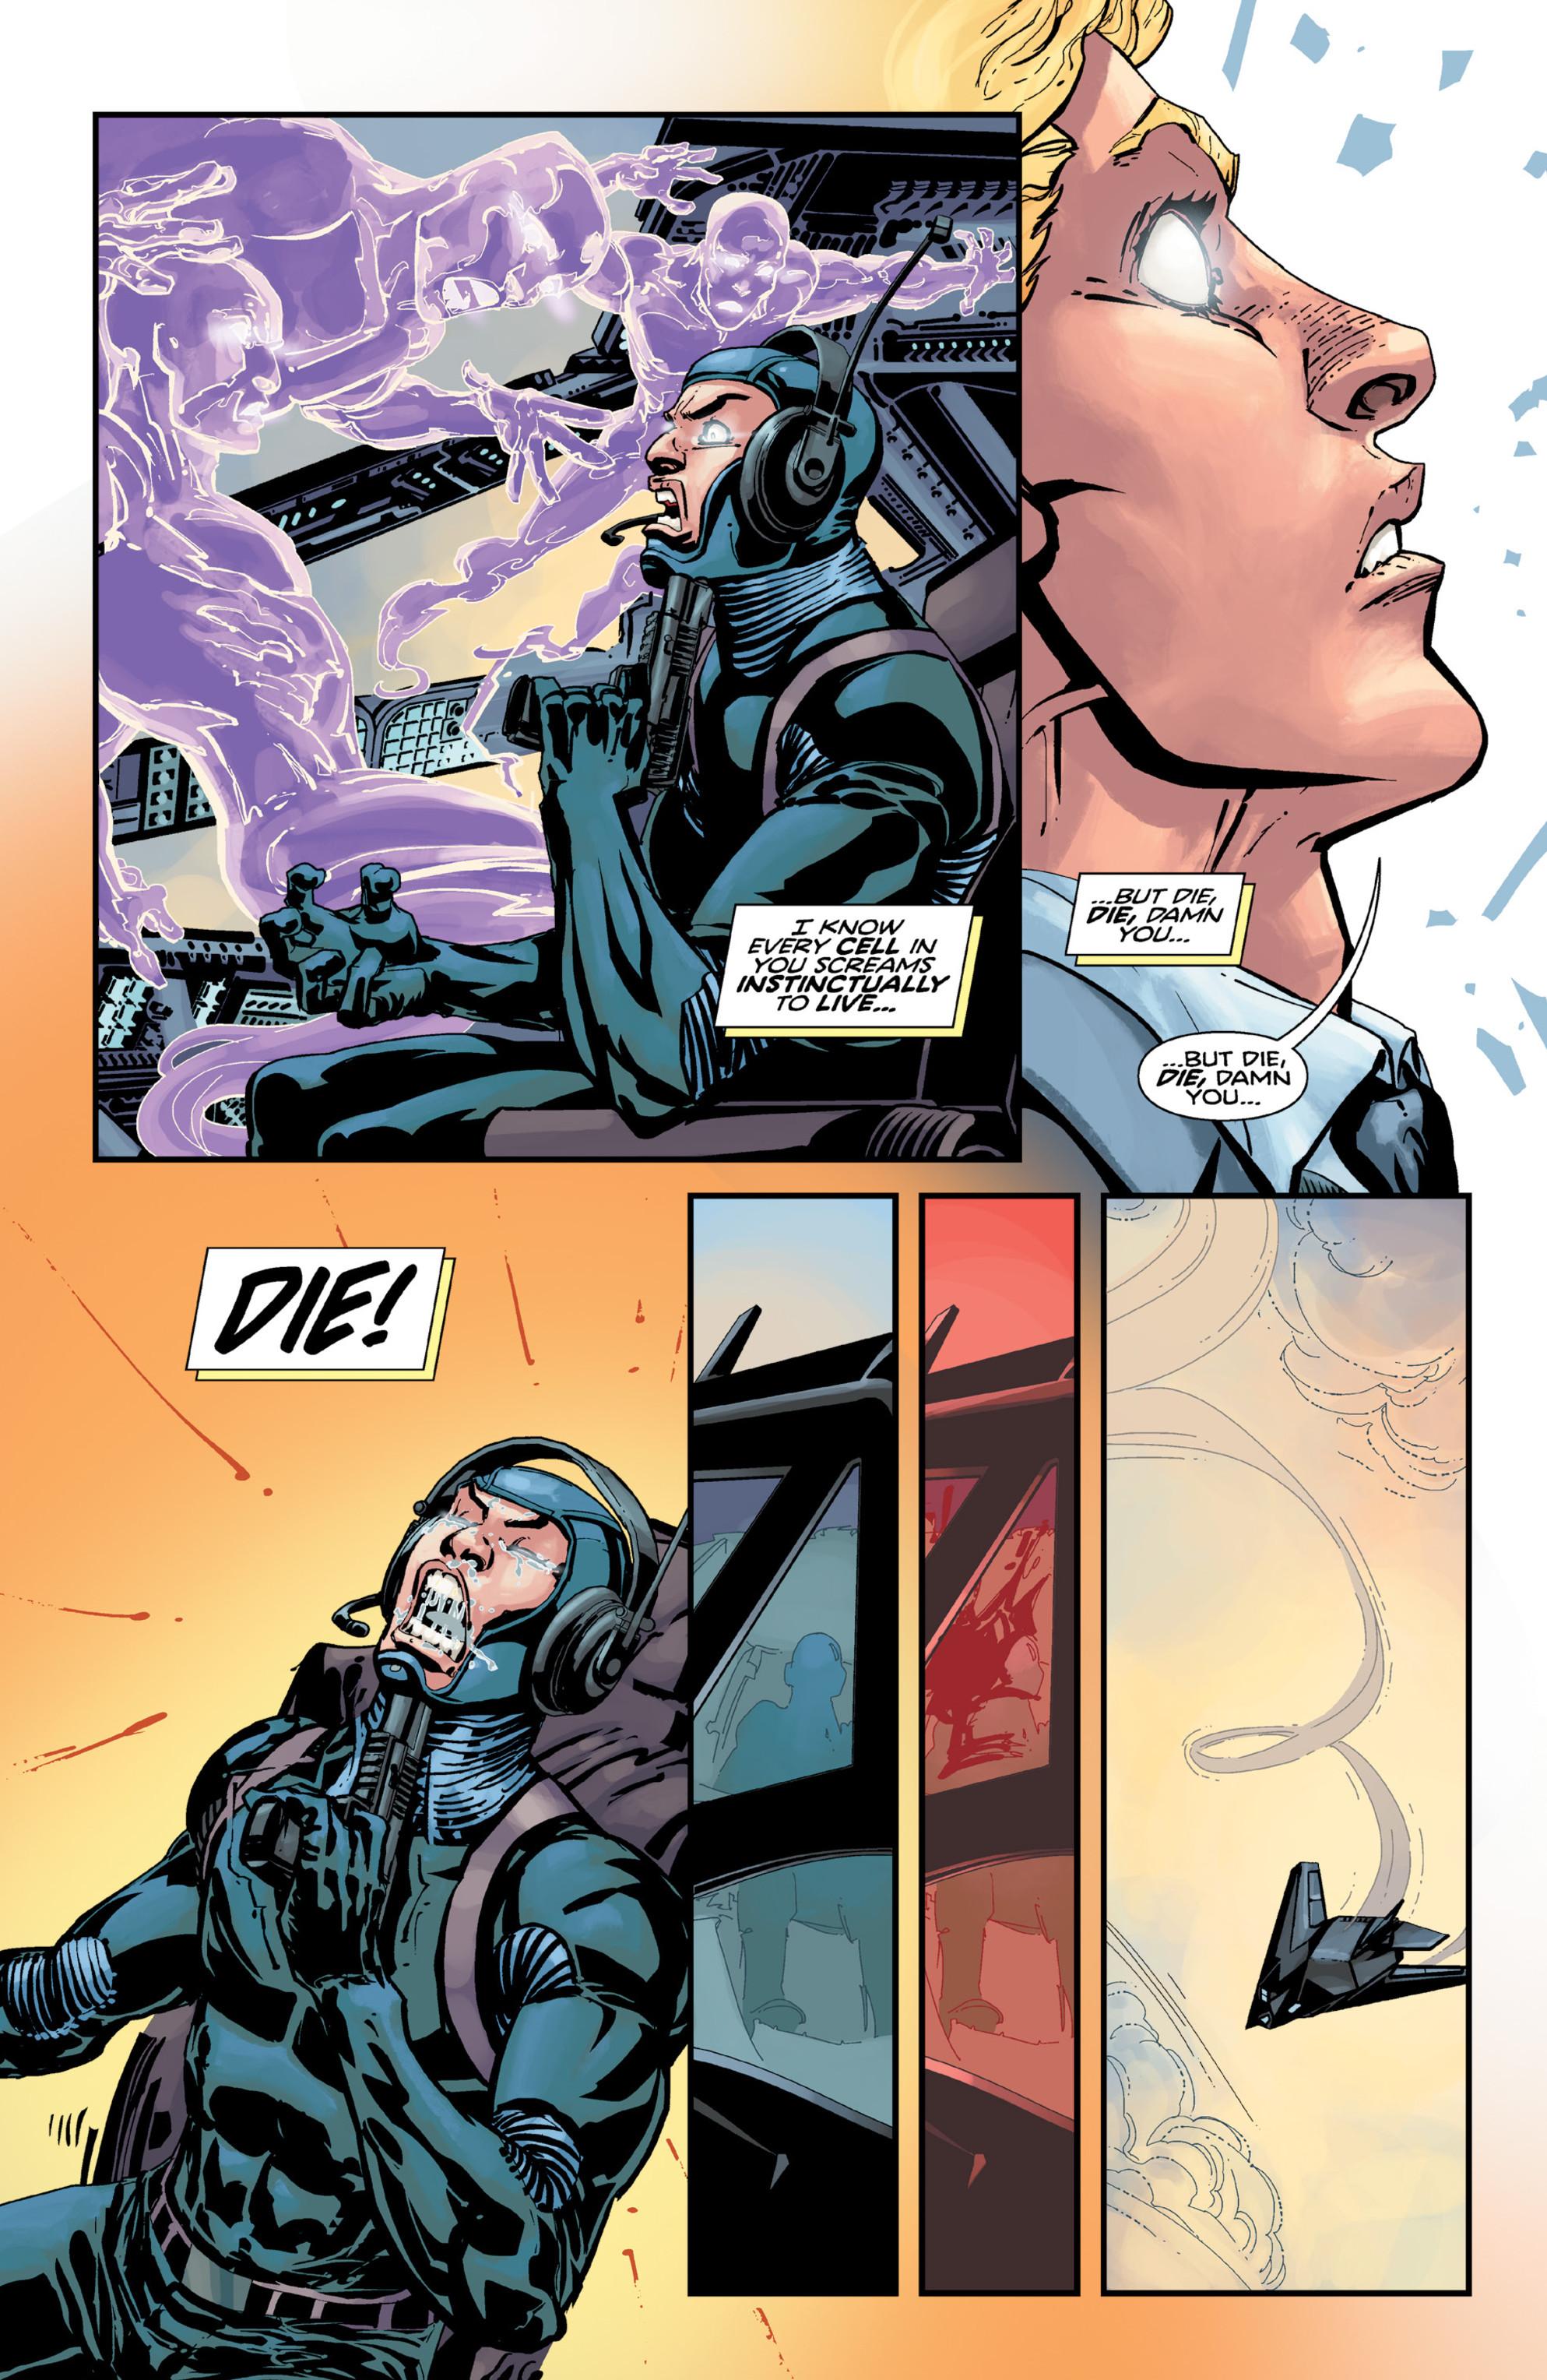 Read online Brain Boy:  The Men from G.E.S.T.A.L.T. comic -  Issue # TPB - 38